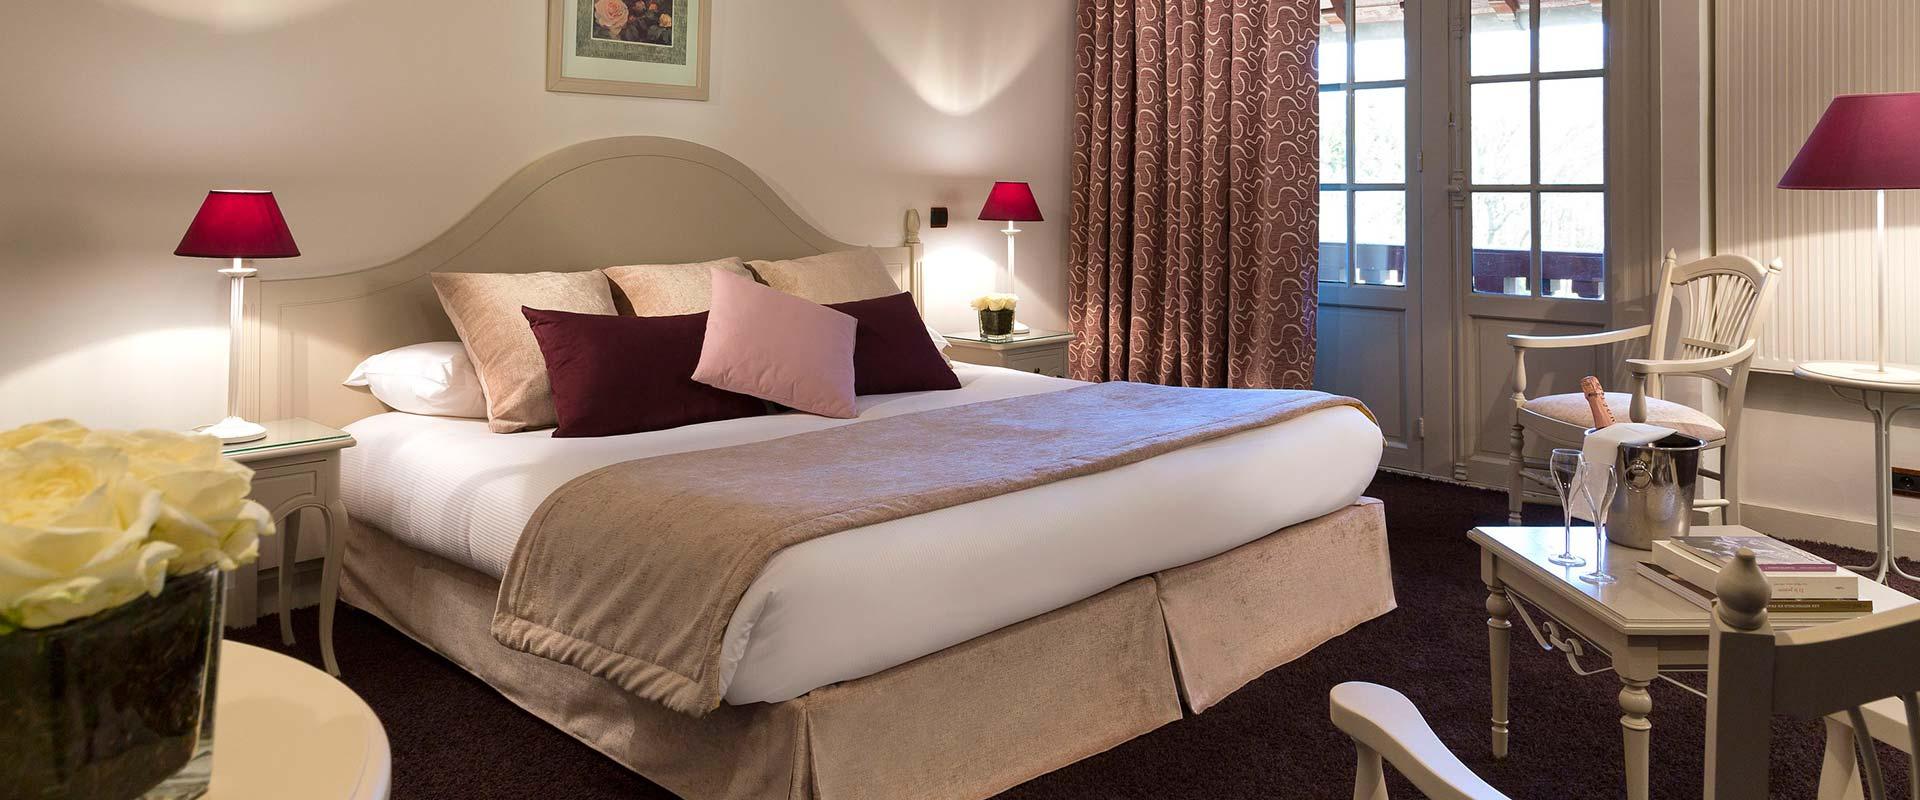 Chambre de luxe pour un weekend en amoureux dans un chteau  Chantilly